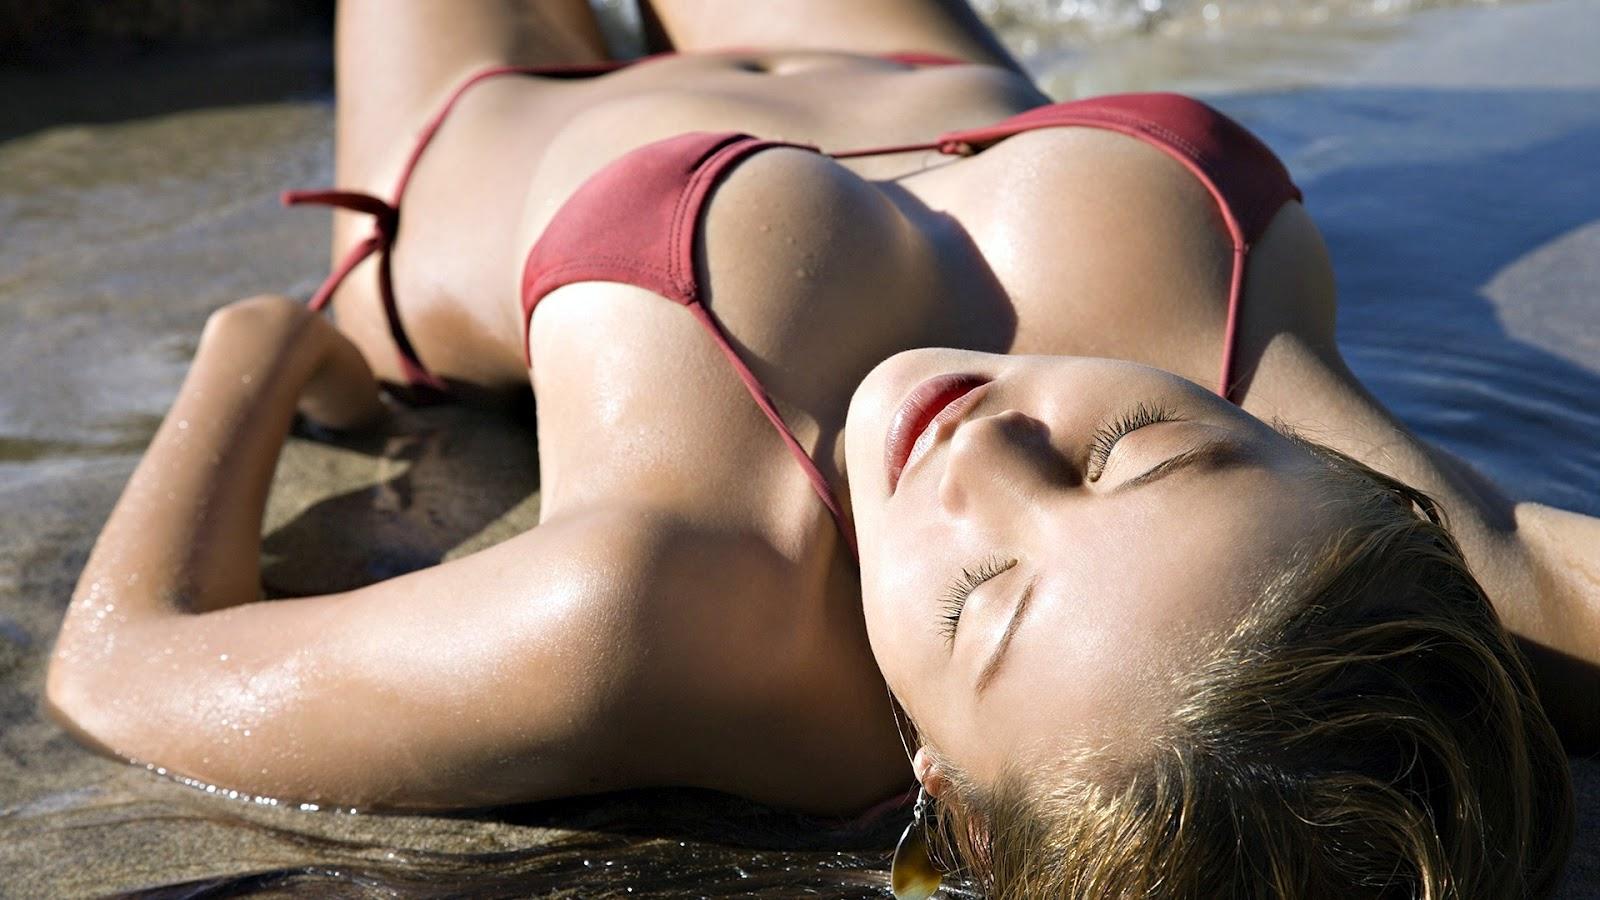 nude girls picks in full skreen